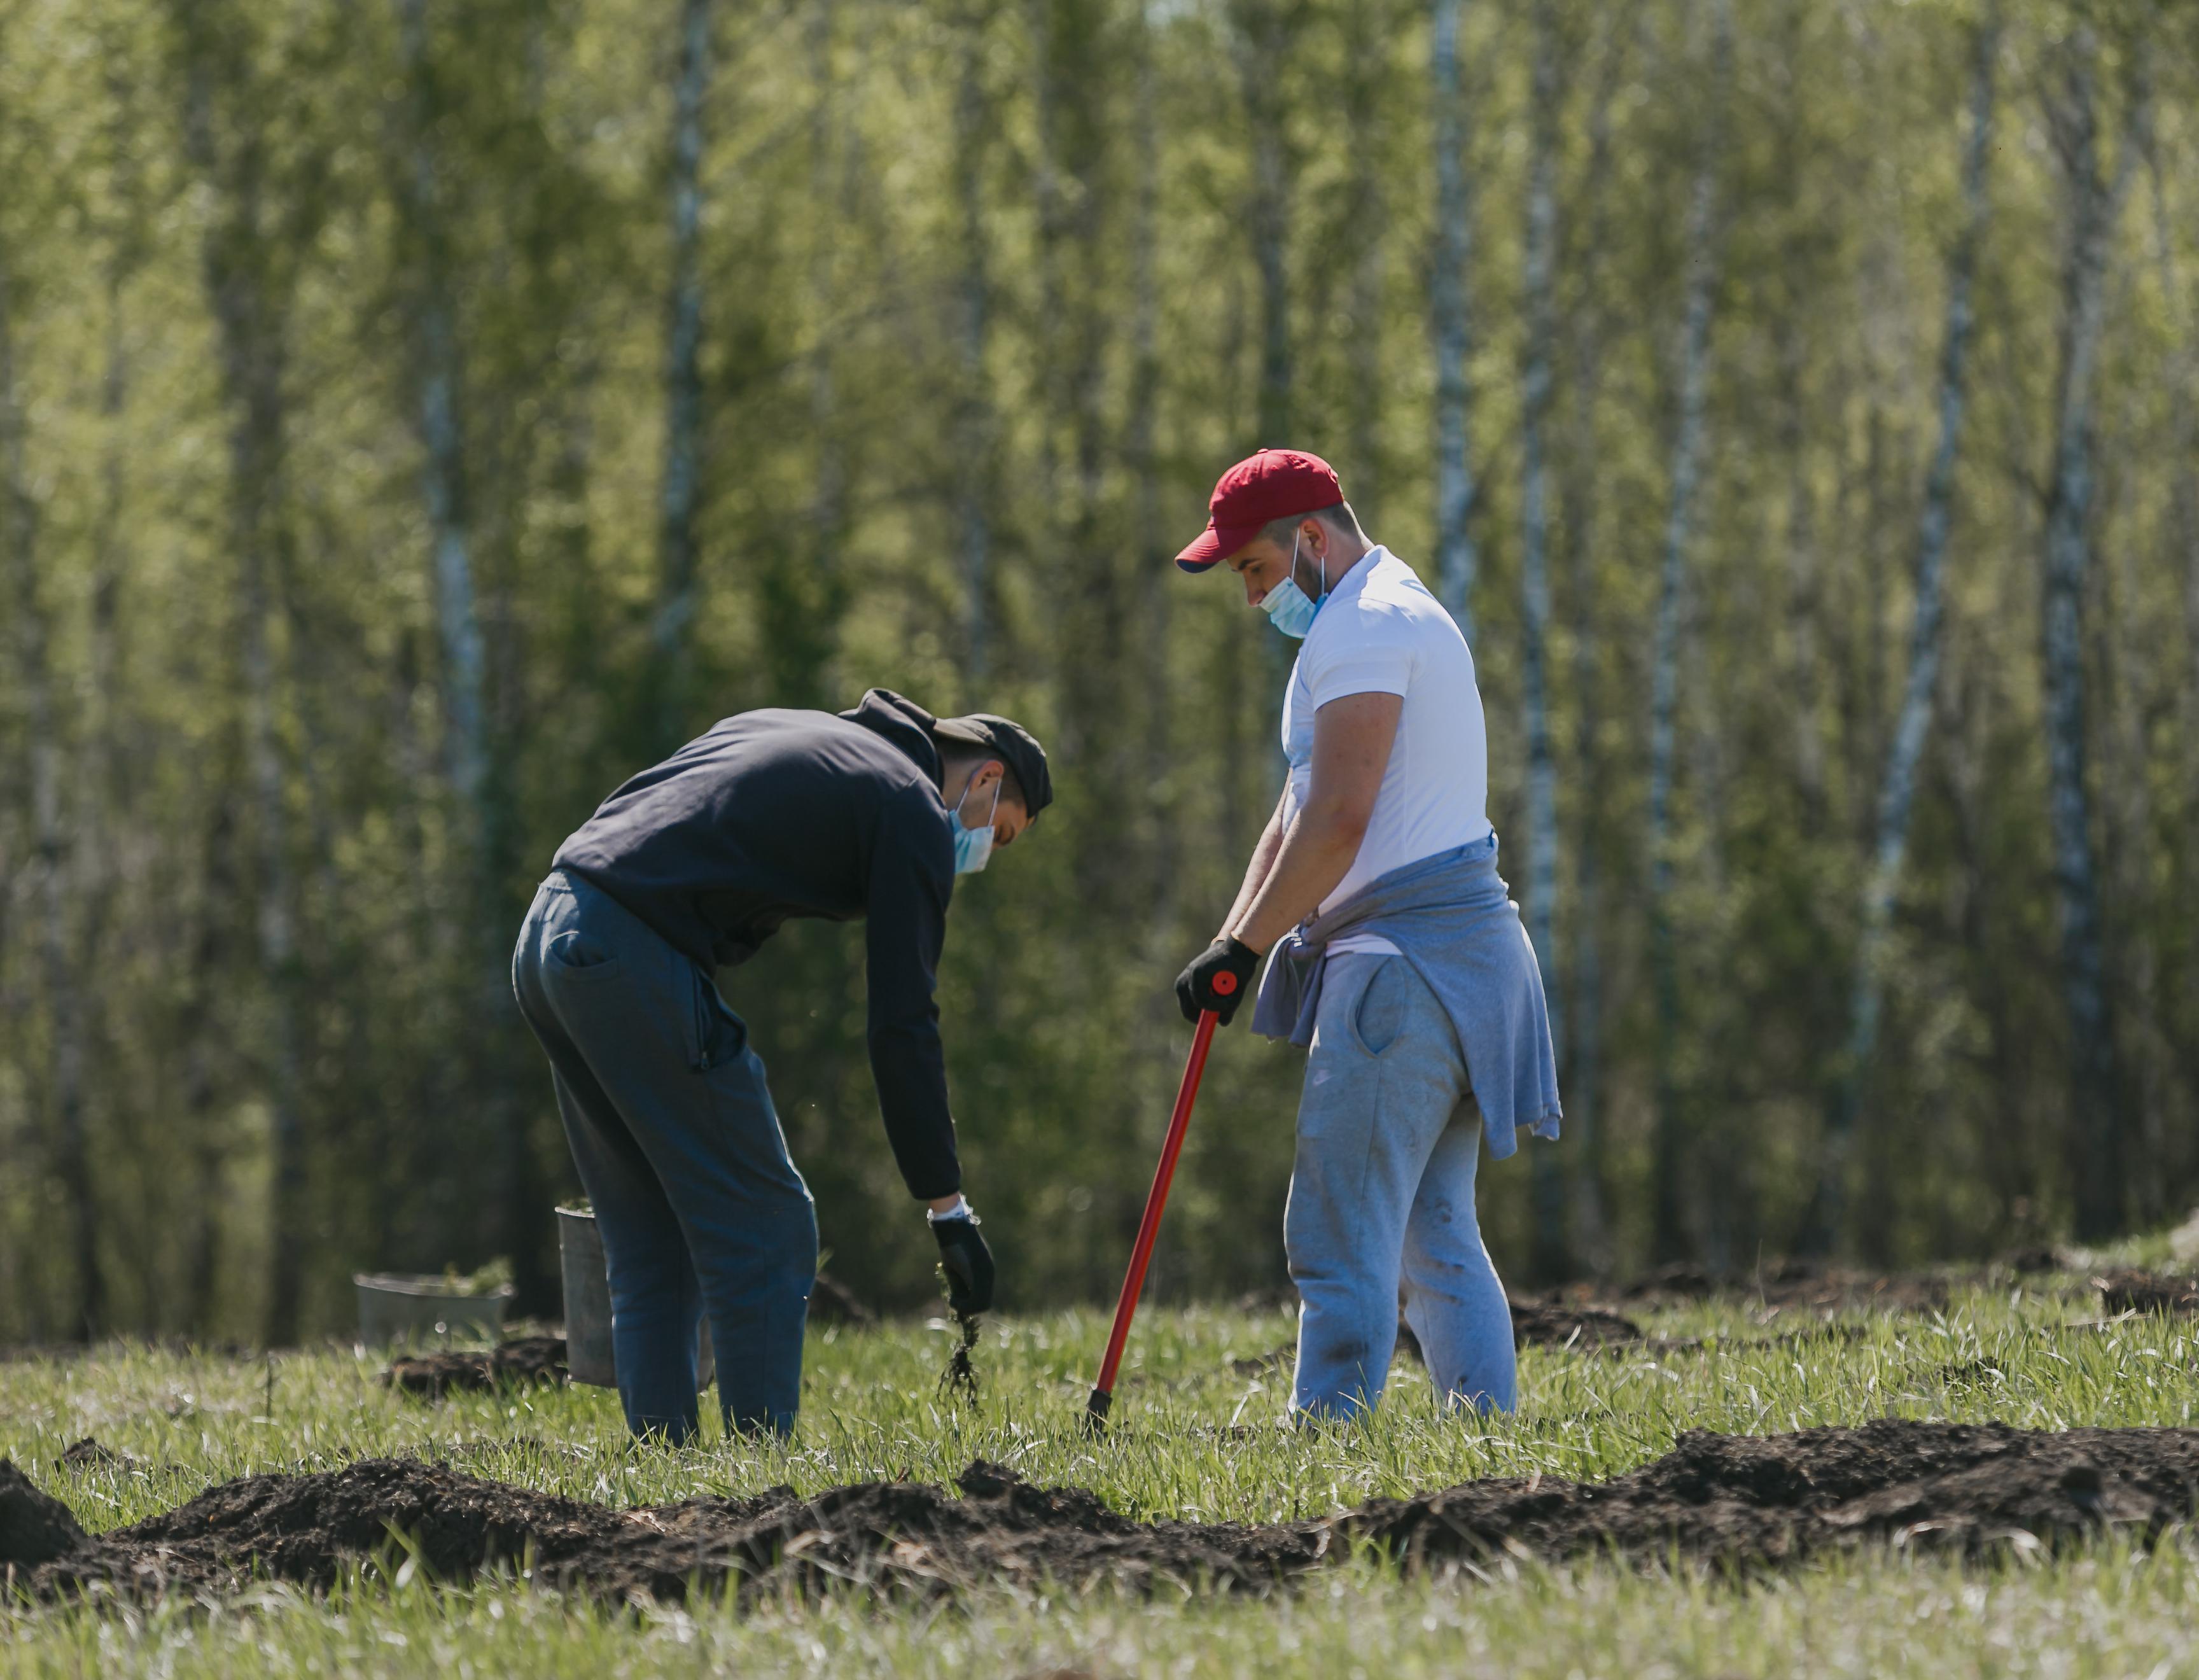 Планы весеннего сезона посадок деревьев волонтеры выполнили за одну неделю